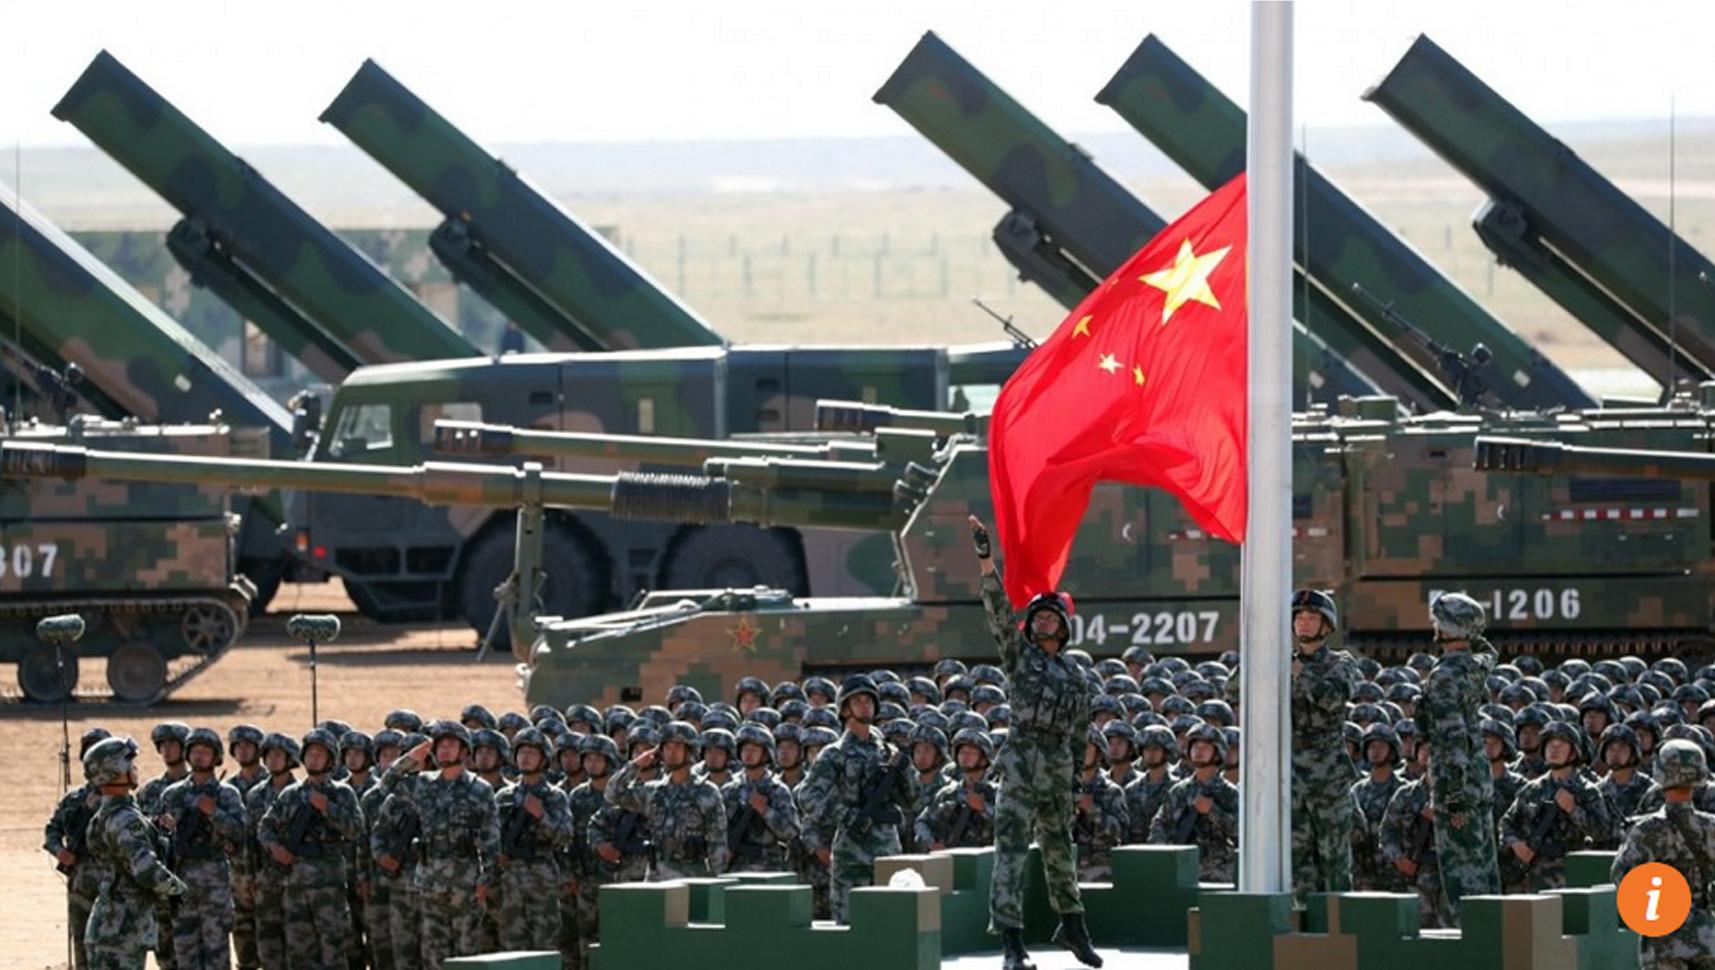 Sức mạnh quân sự của Trung Cộng làm Châu Âu thận trọng khi bán vũ khí